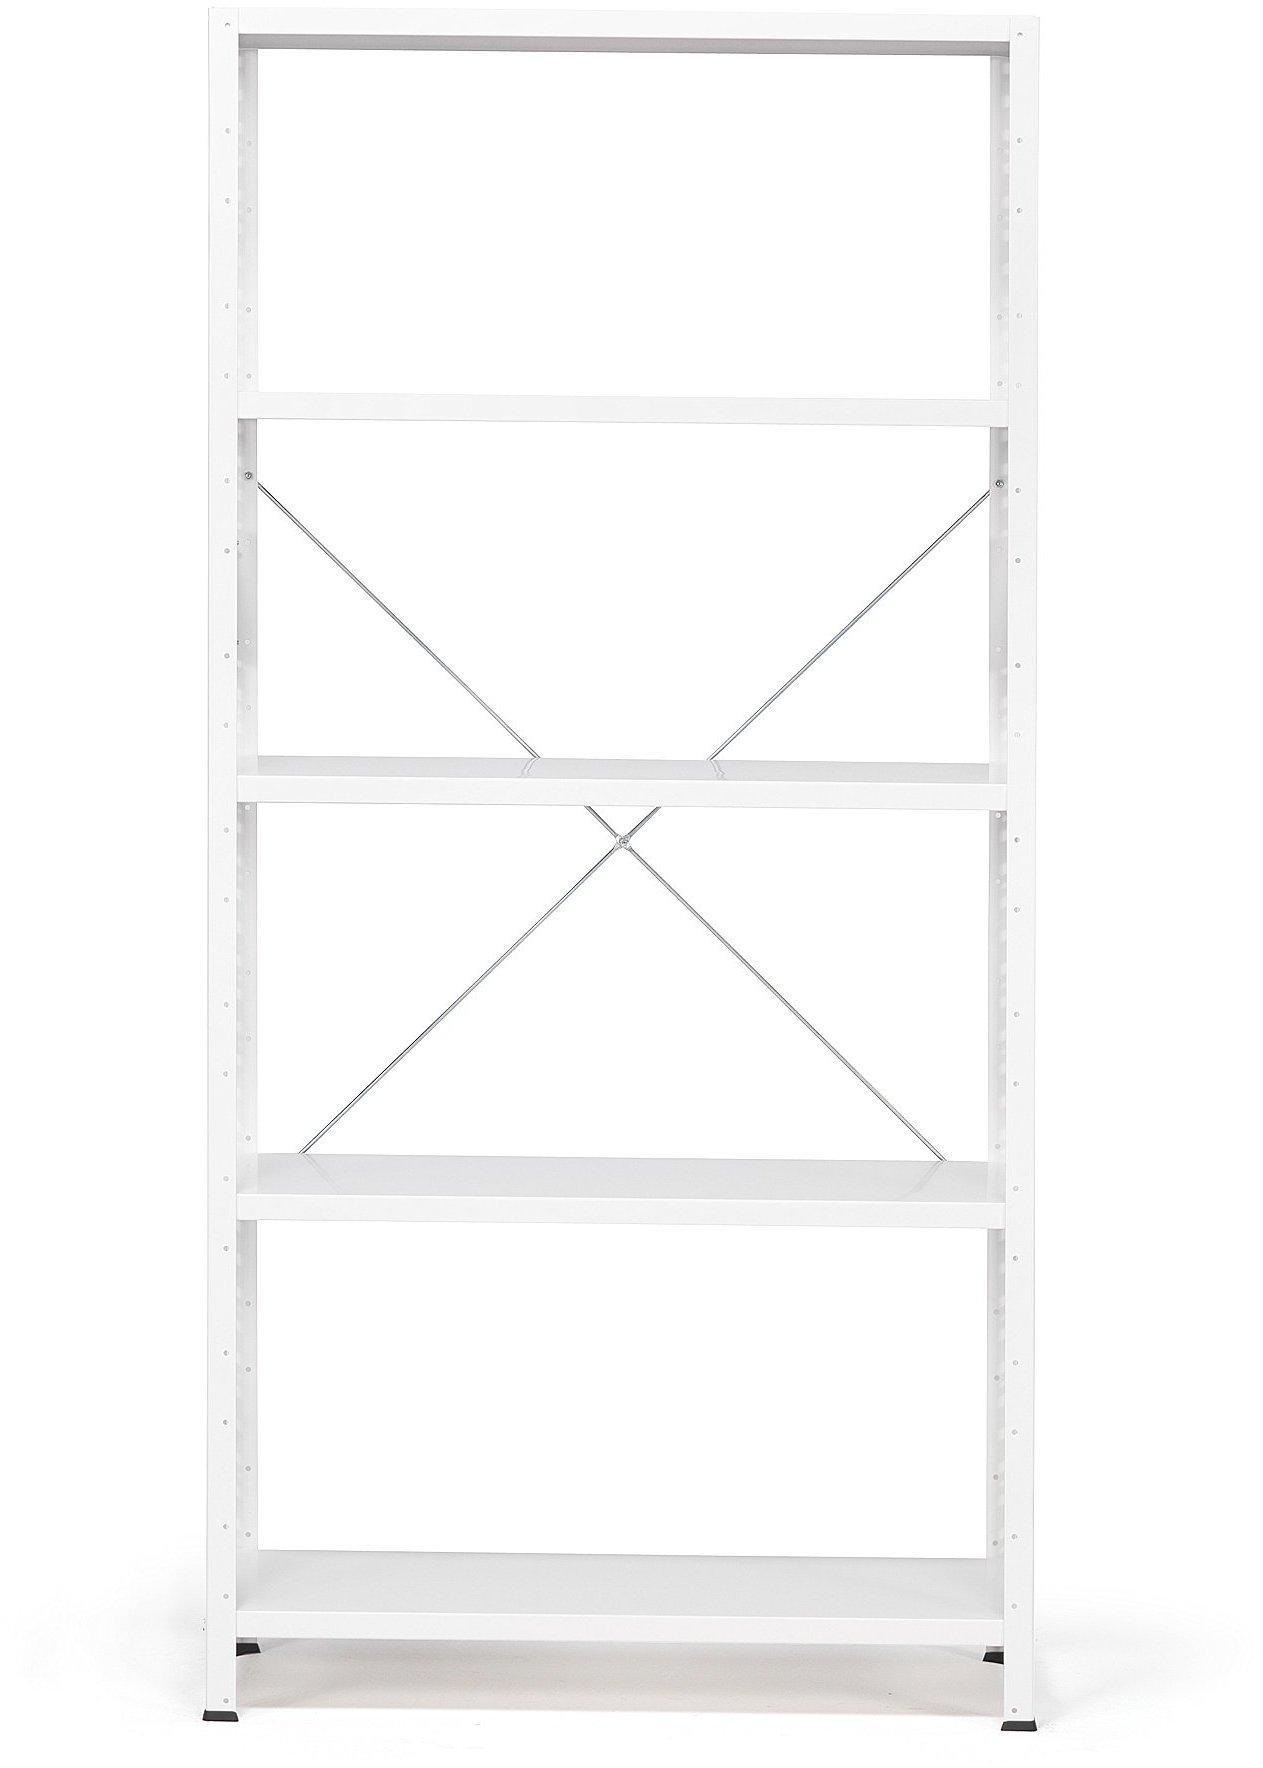 Kancelársky regál Light, základná sekcia, 1970x1010x400 mm, biely